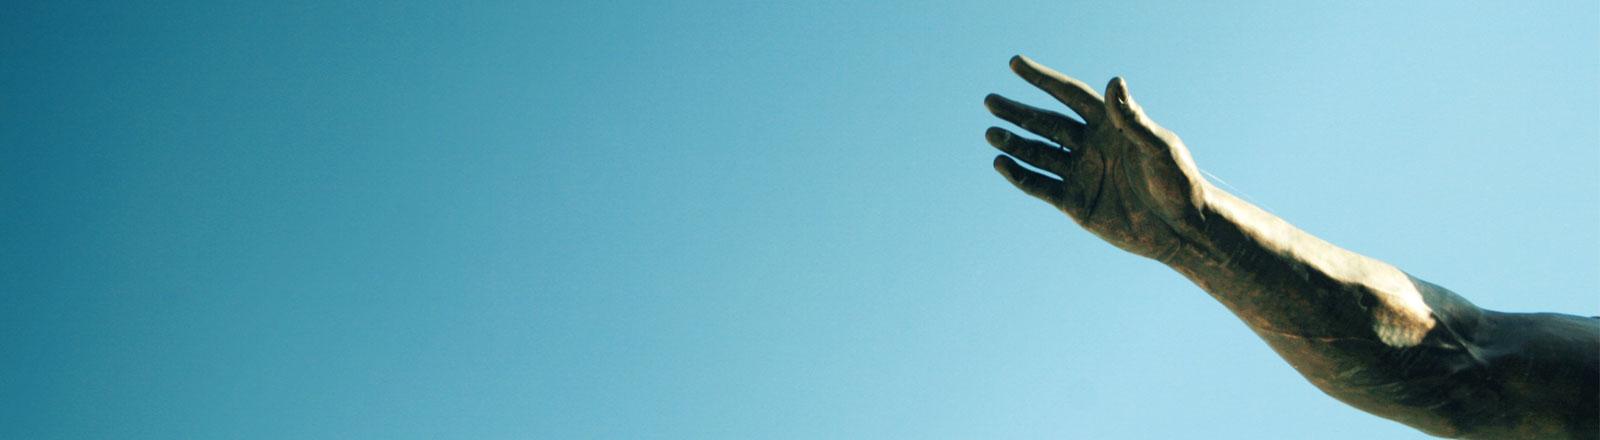 Die Hand einer Statue